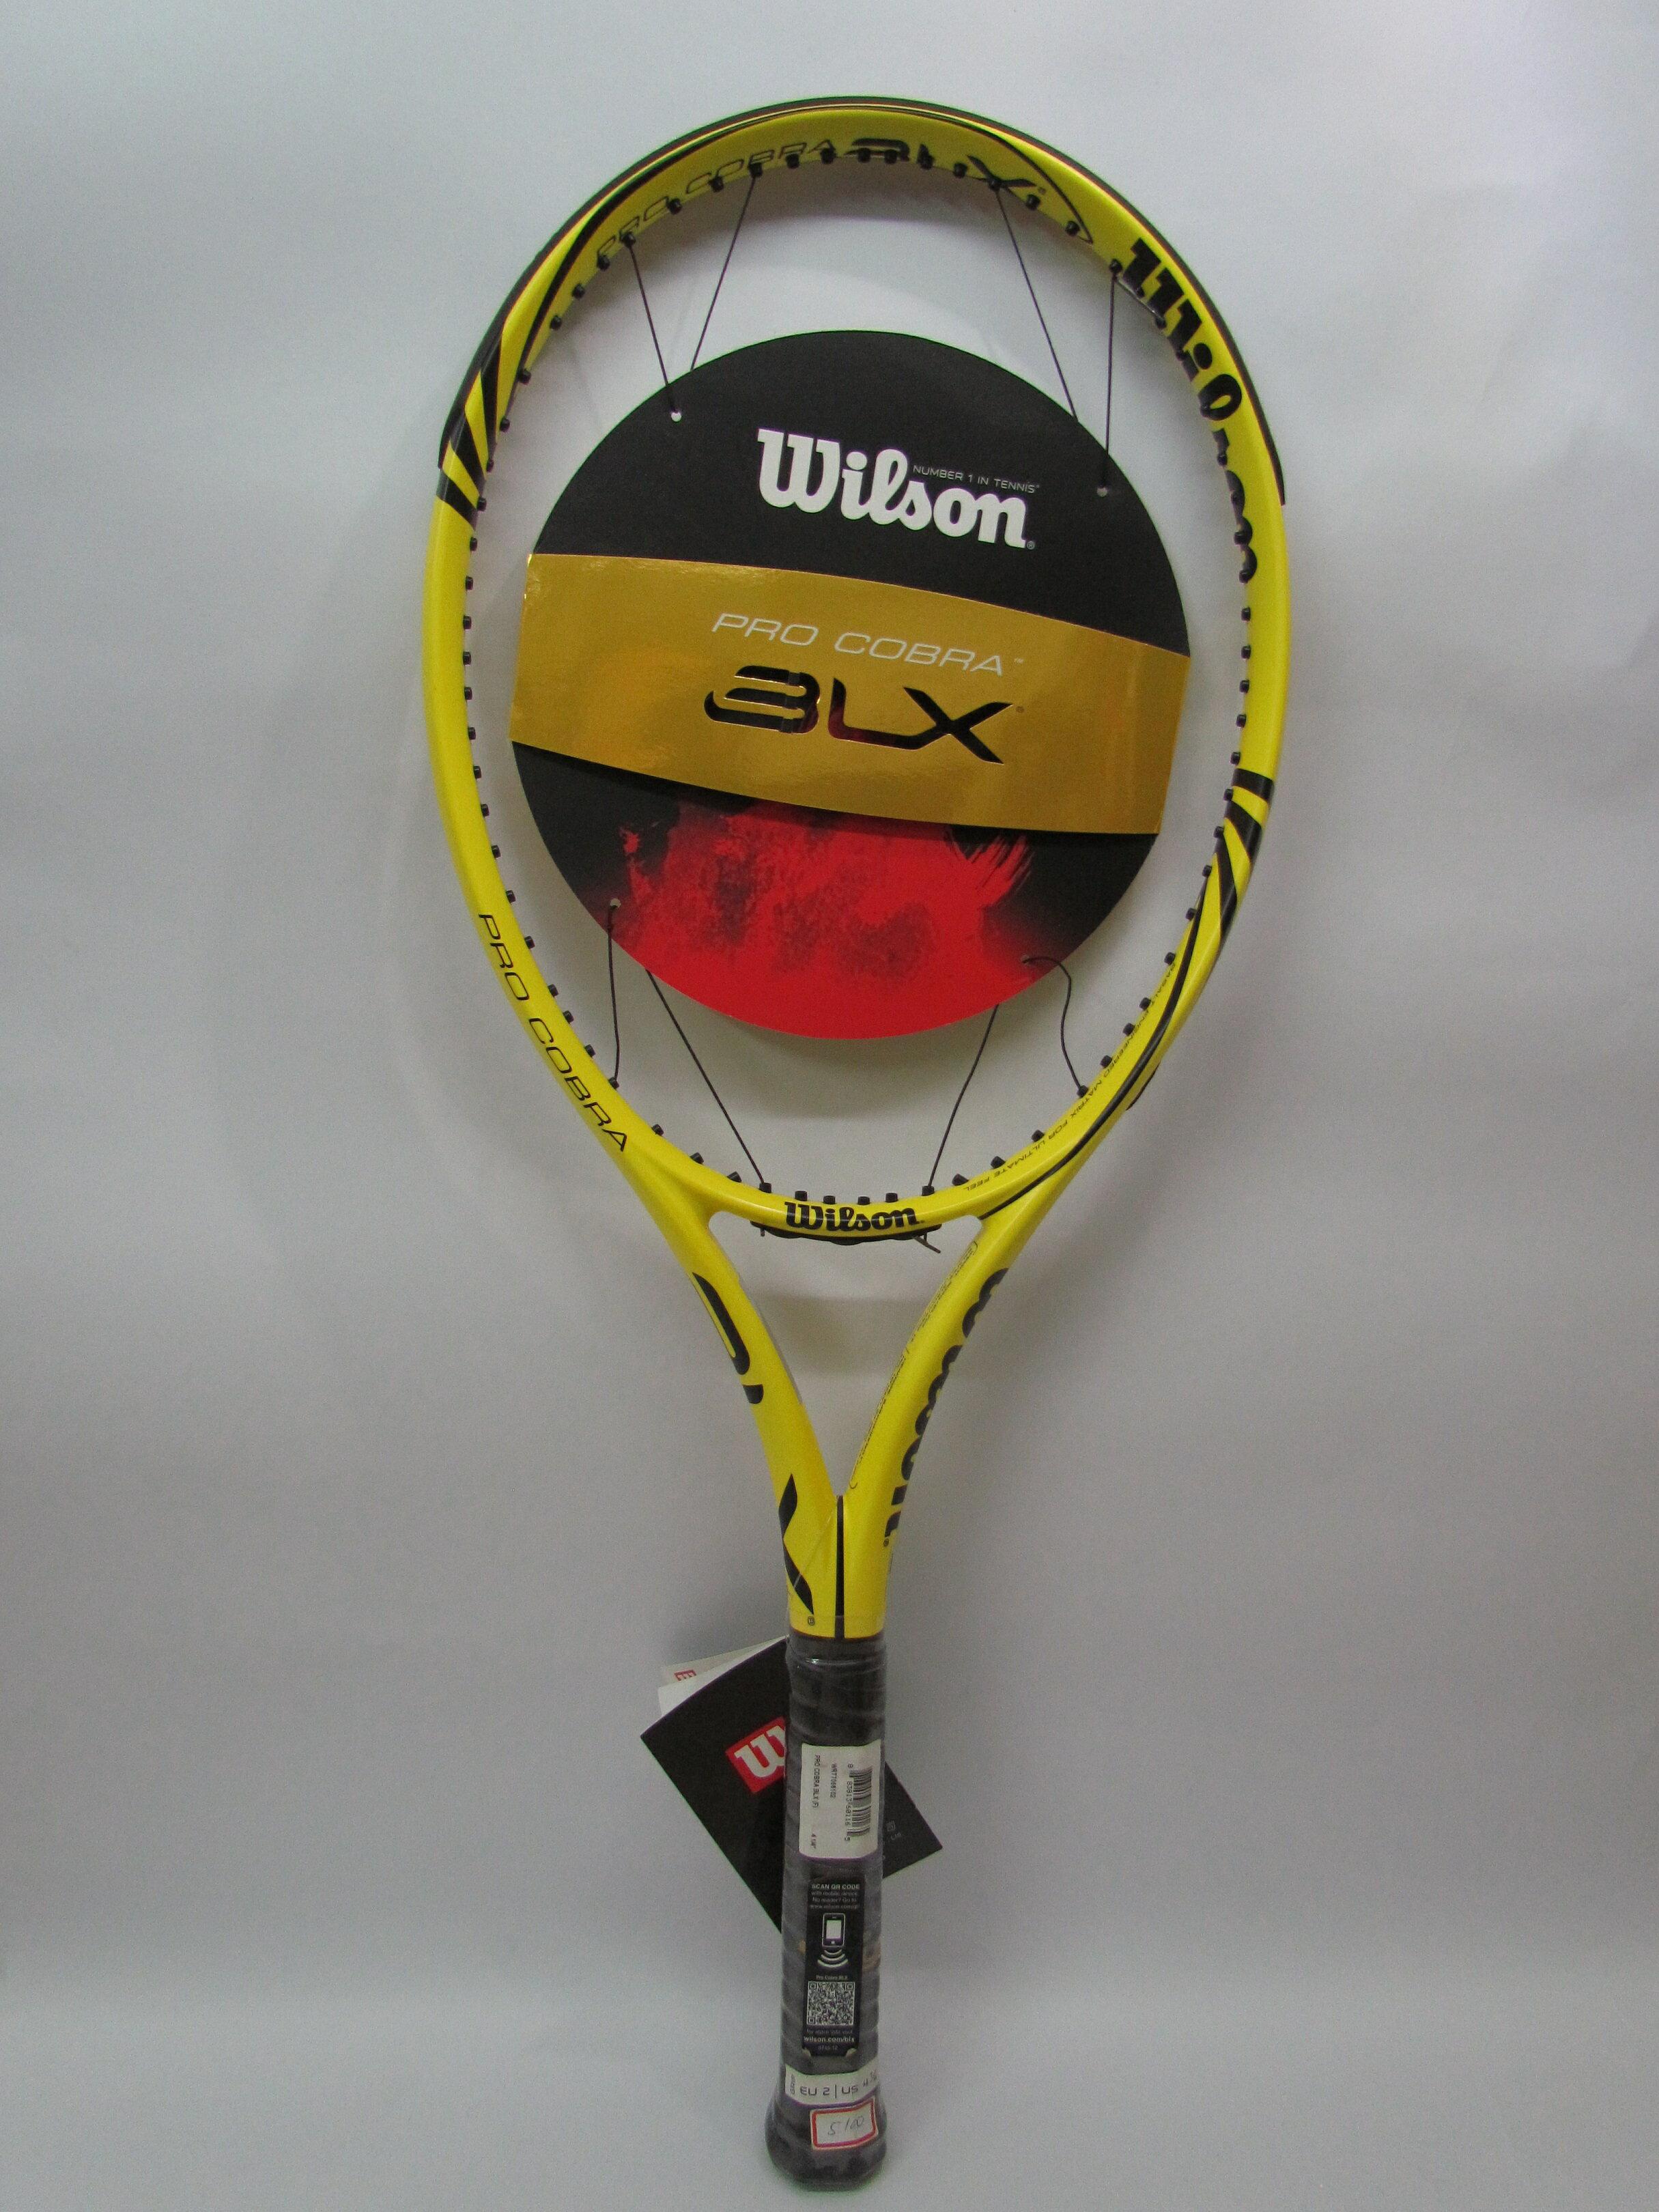 Wilson專業網球拍 Pro Cobra BLX